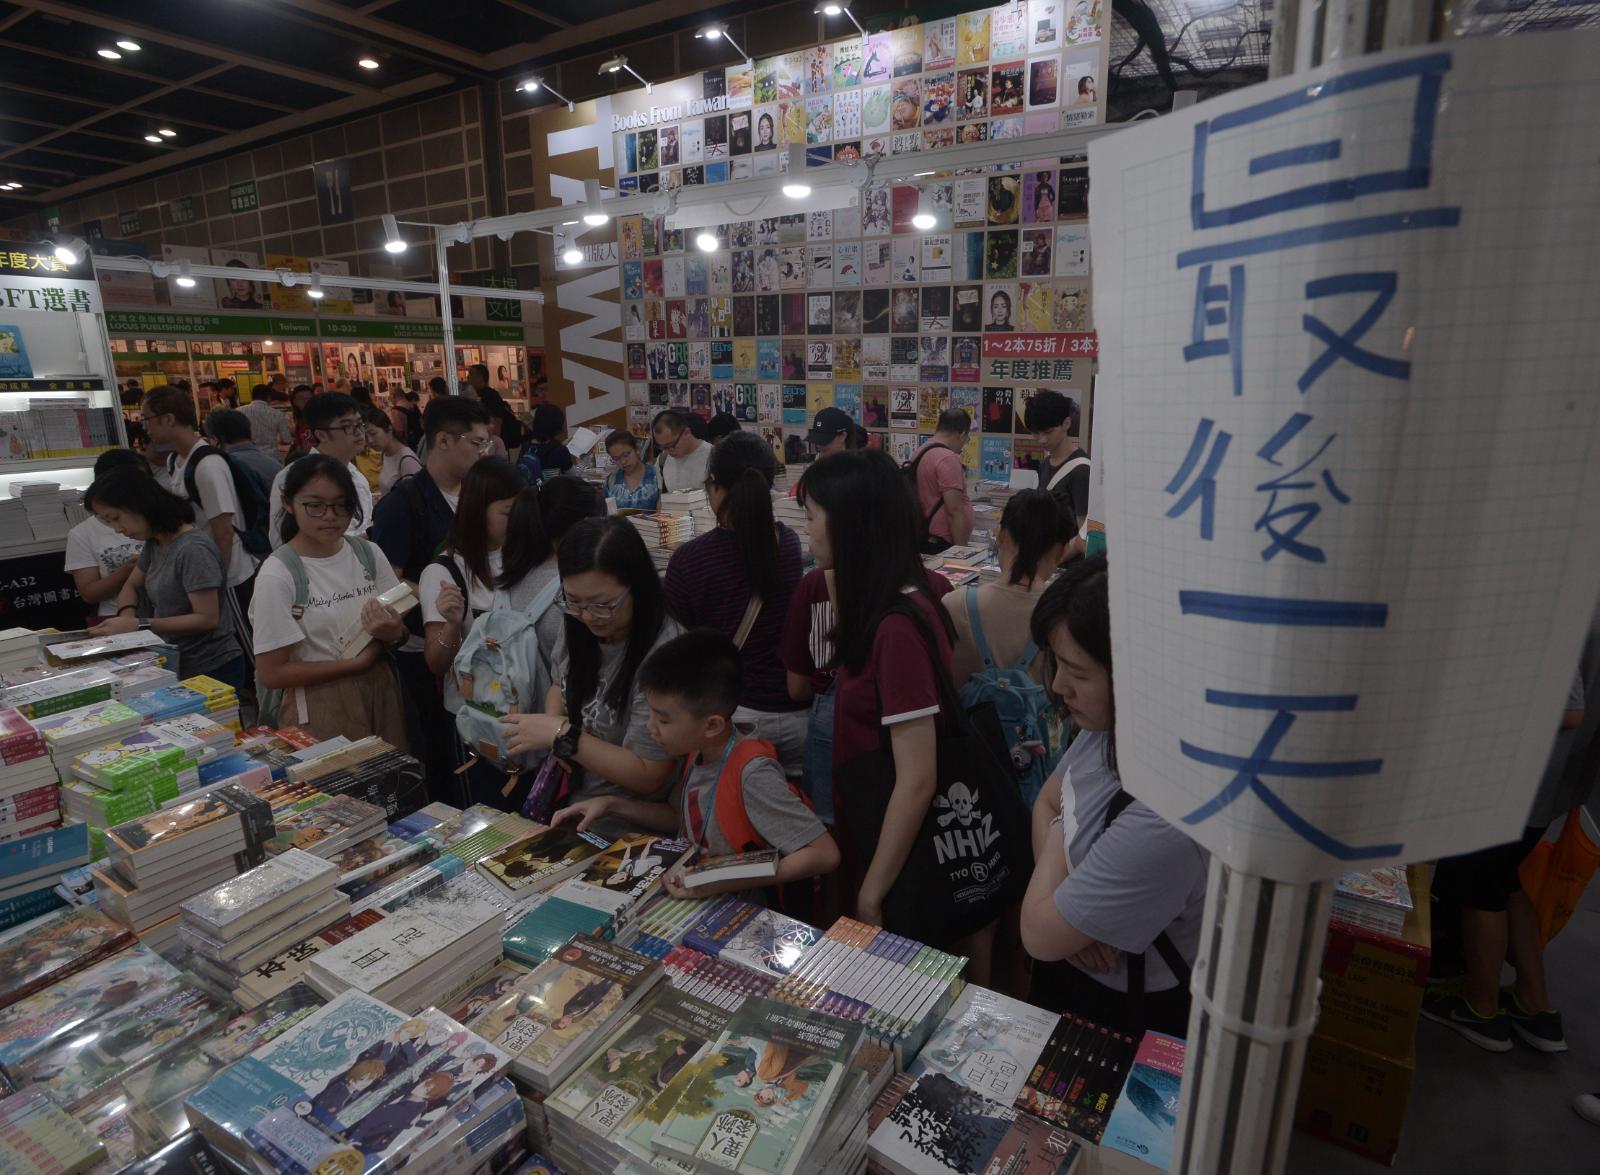 【書展閉幕】稱人流較往年少生意額錄單位數跌幅 書商減價促銷